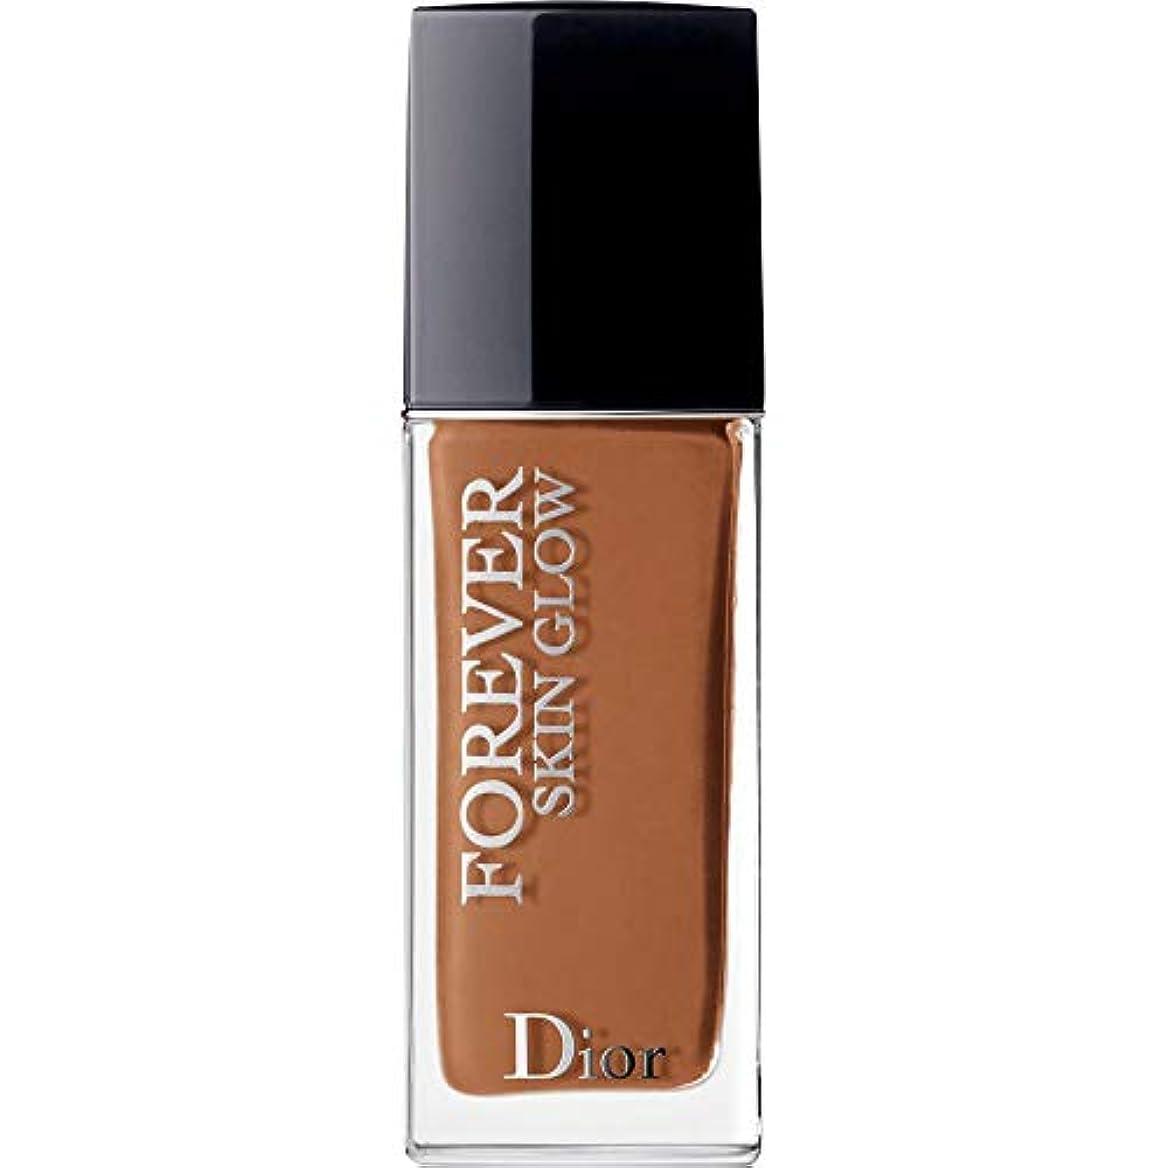 戸棚市民比類なき[Dior ] ディオール永遠に皮膚グロー皮膚思いやりの基礎Spf35 30ミリリットルの6N - ニュートラル(肌の輝き) - DIOR Forever Skin Glow Skin-Caring Foundation...